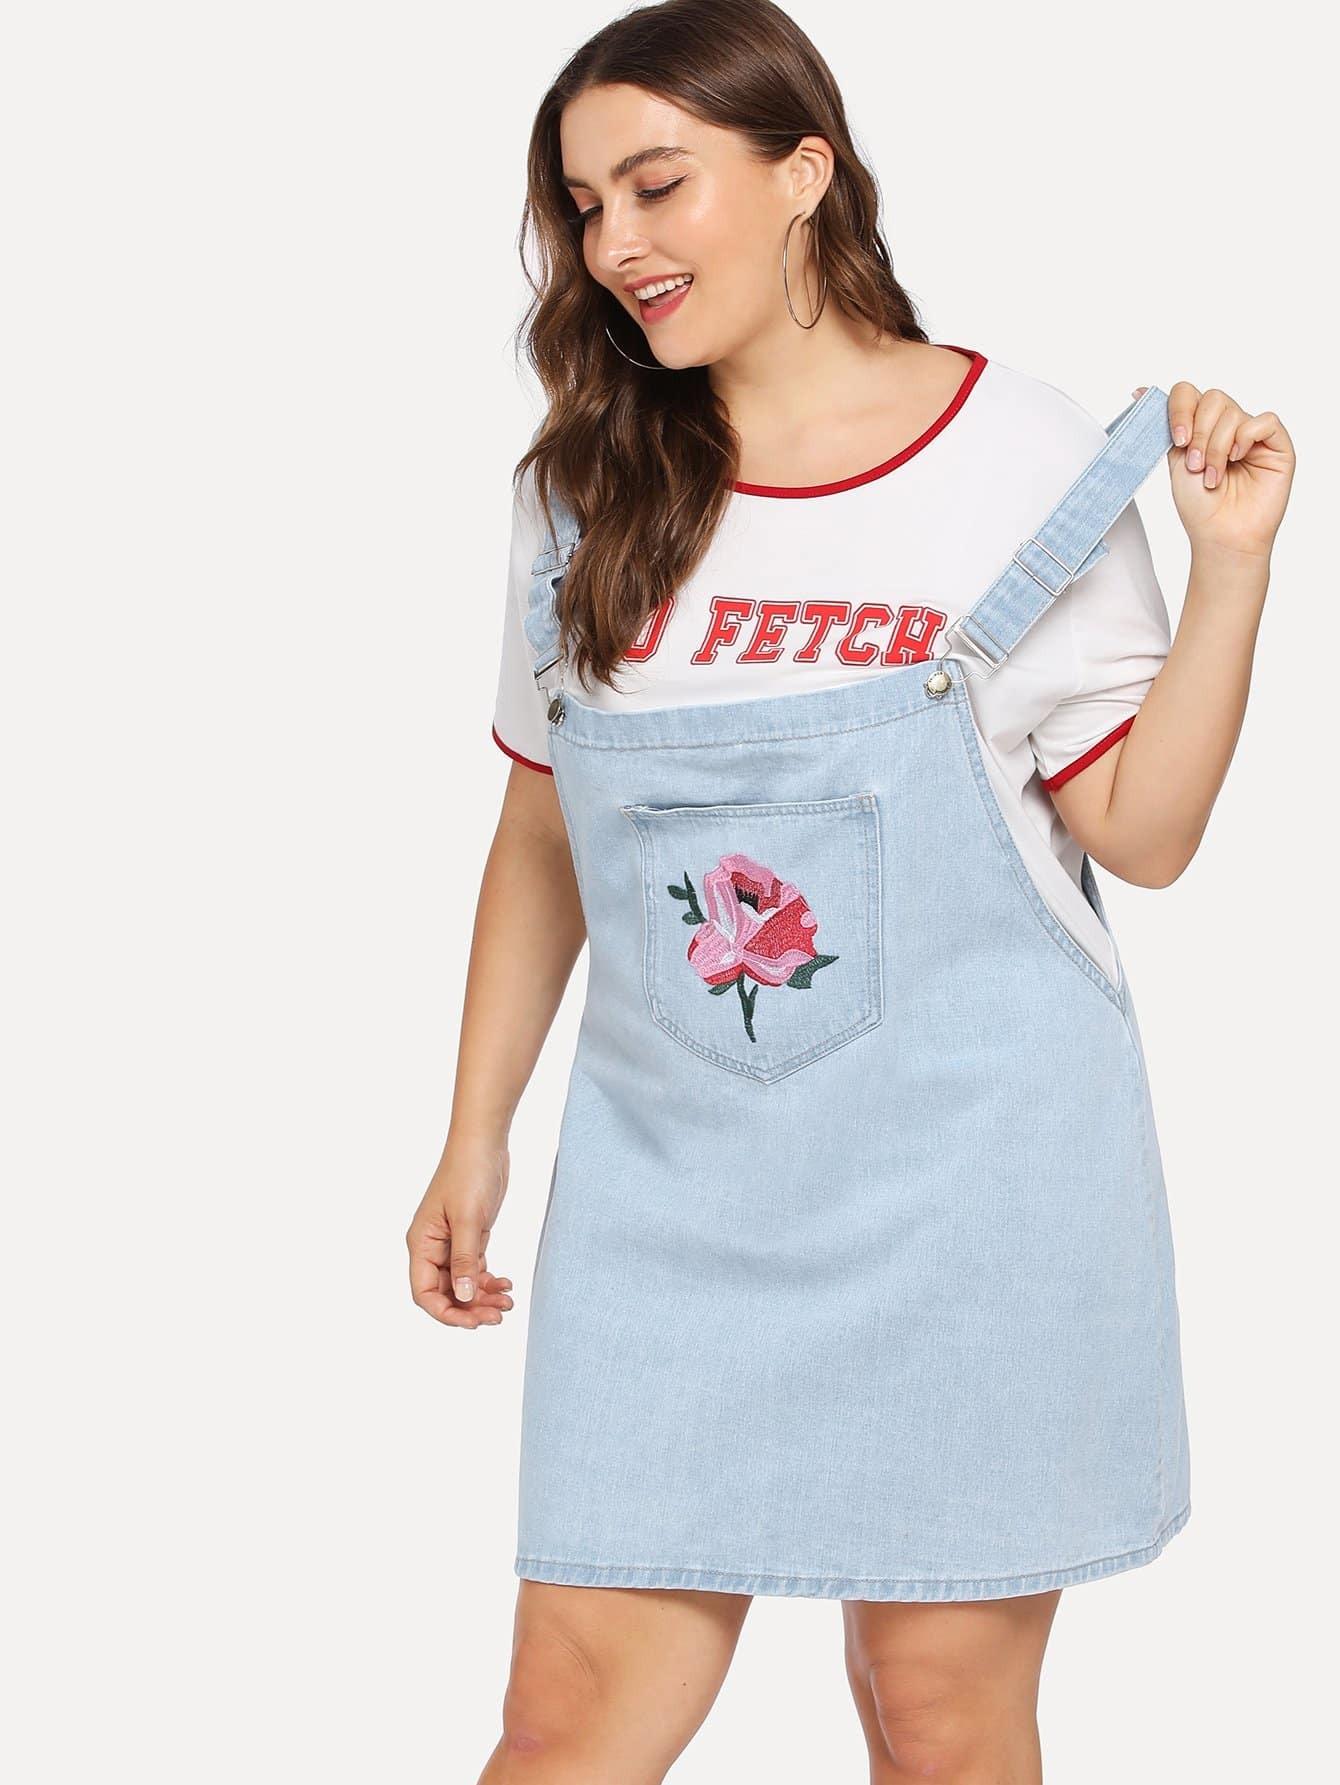 Купить Джинсовое платье с украшением пуговиц и цветов вышивки, Franziska, SheIn